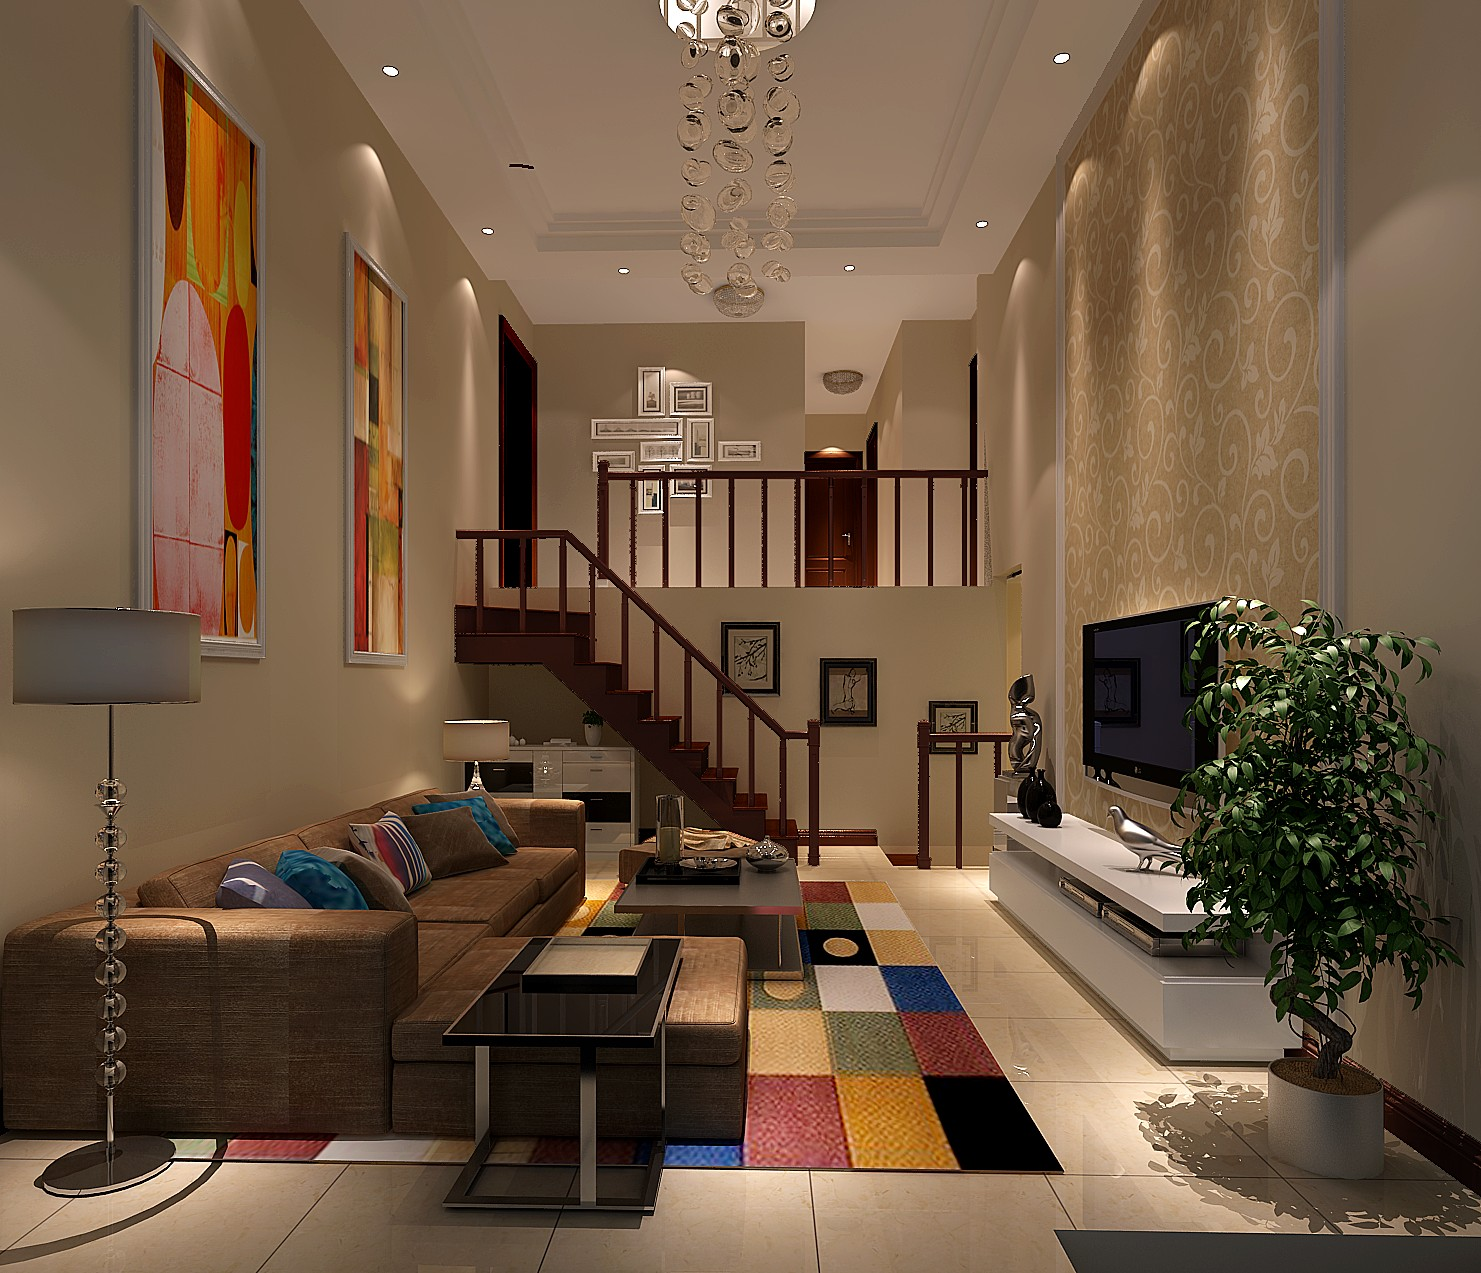 北欧极简 公寓 四居 客厅图片来自高度国际装饰宋增会在8哩岛165平米北欧极简风格的分享